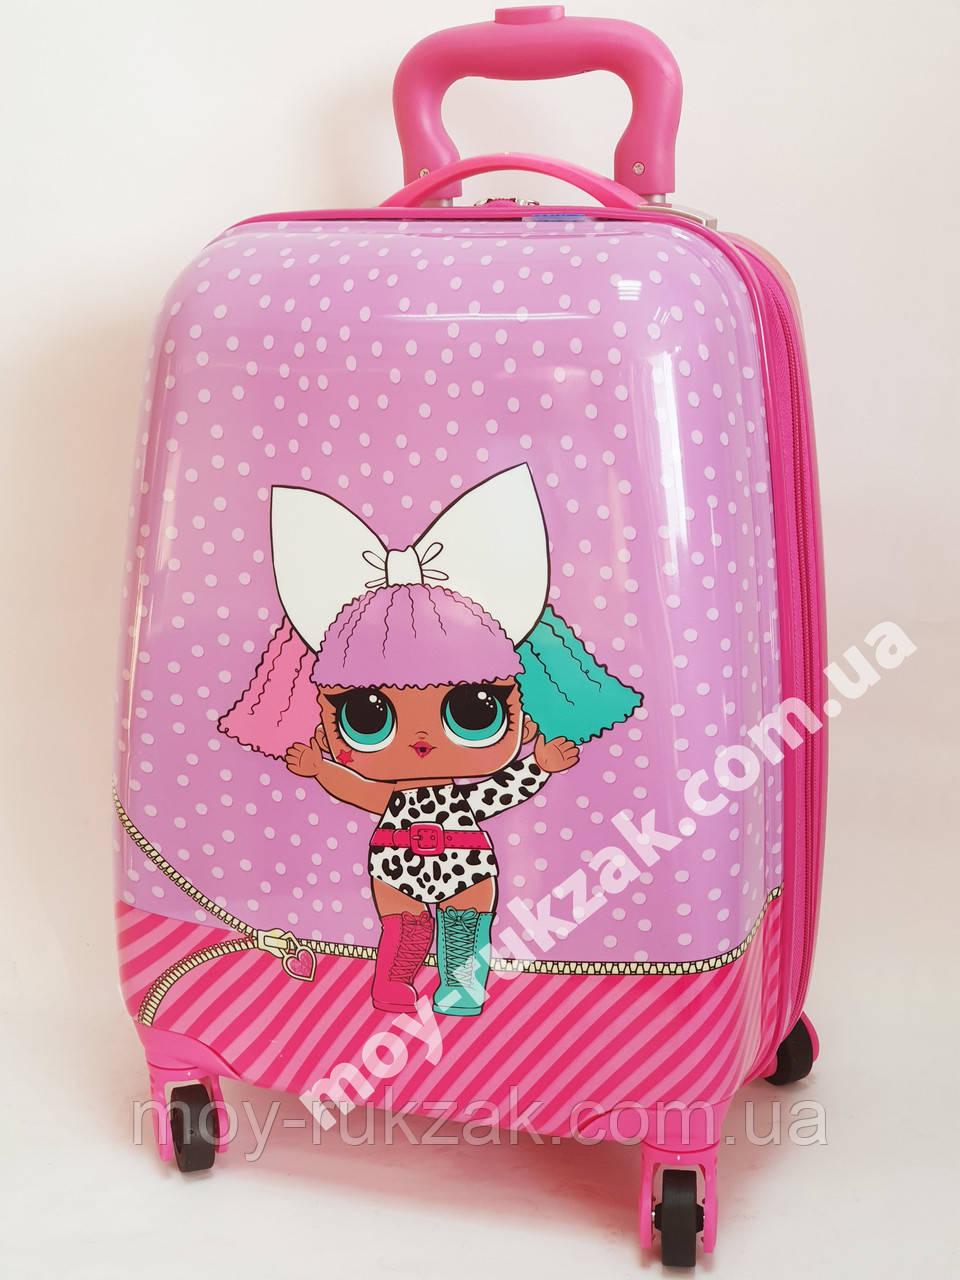 Детский чемодан дорожный на колесах «Куклы ЛОЛ» LOL-2